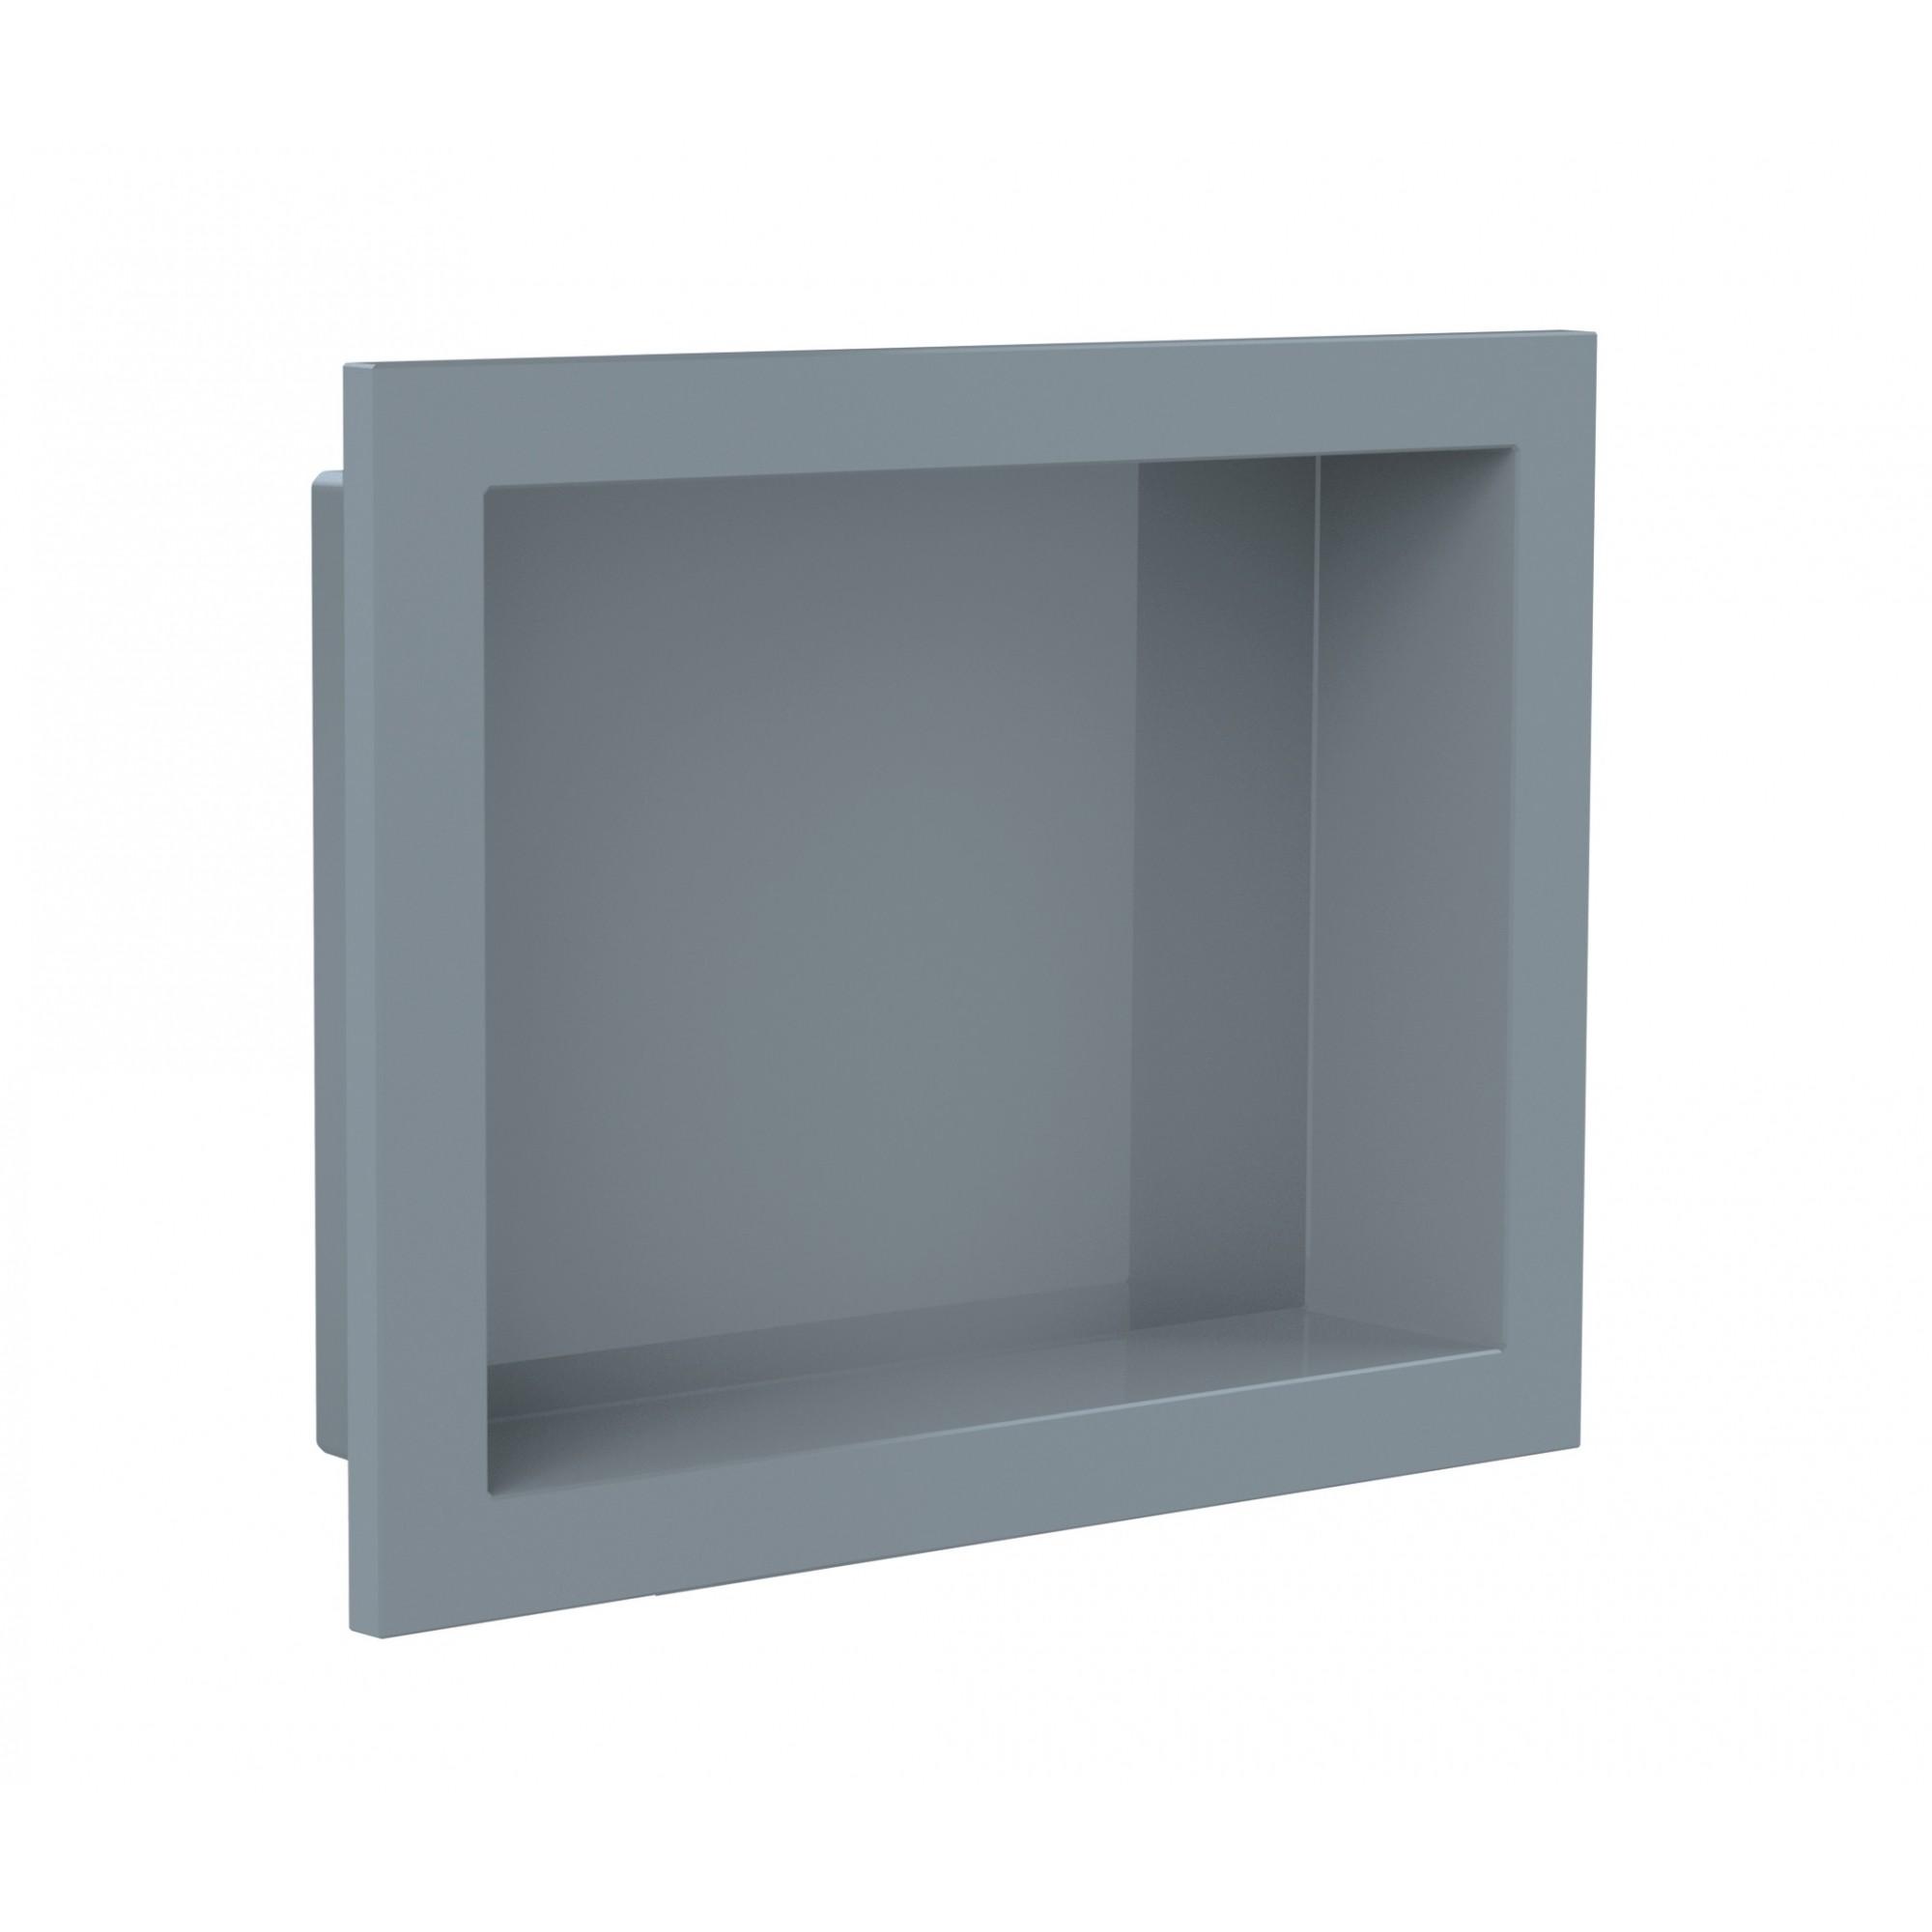 Nicho Para Banheiro Parede Embutir 30x40cm Cinza Urbano